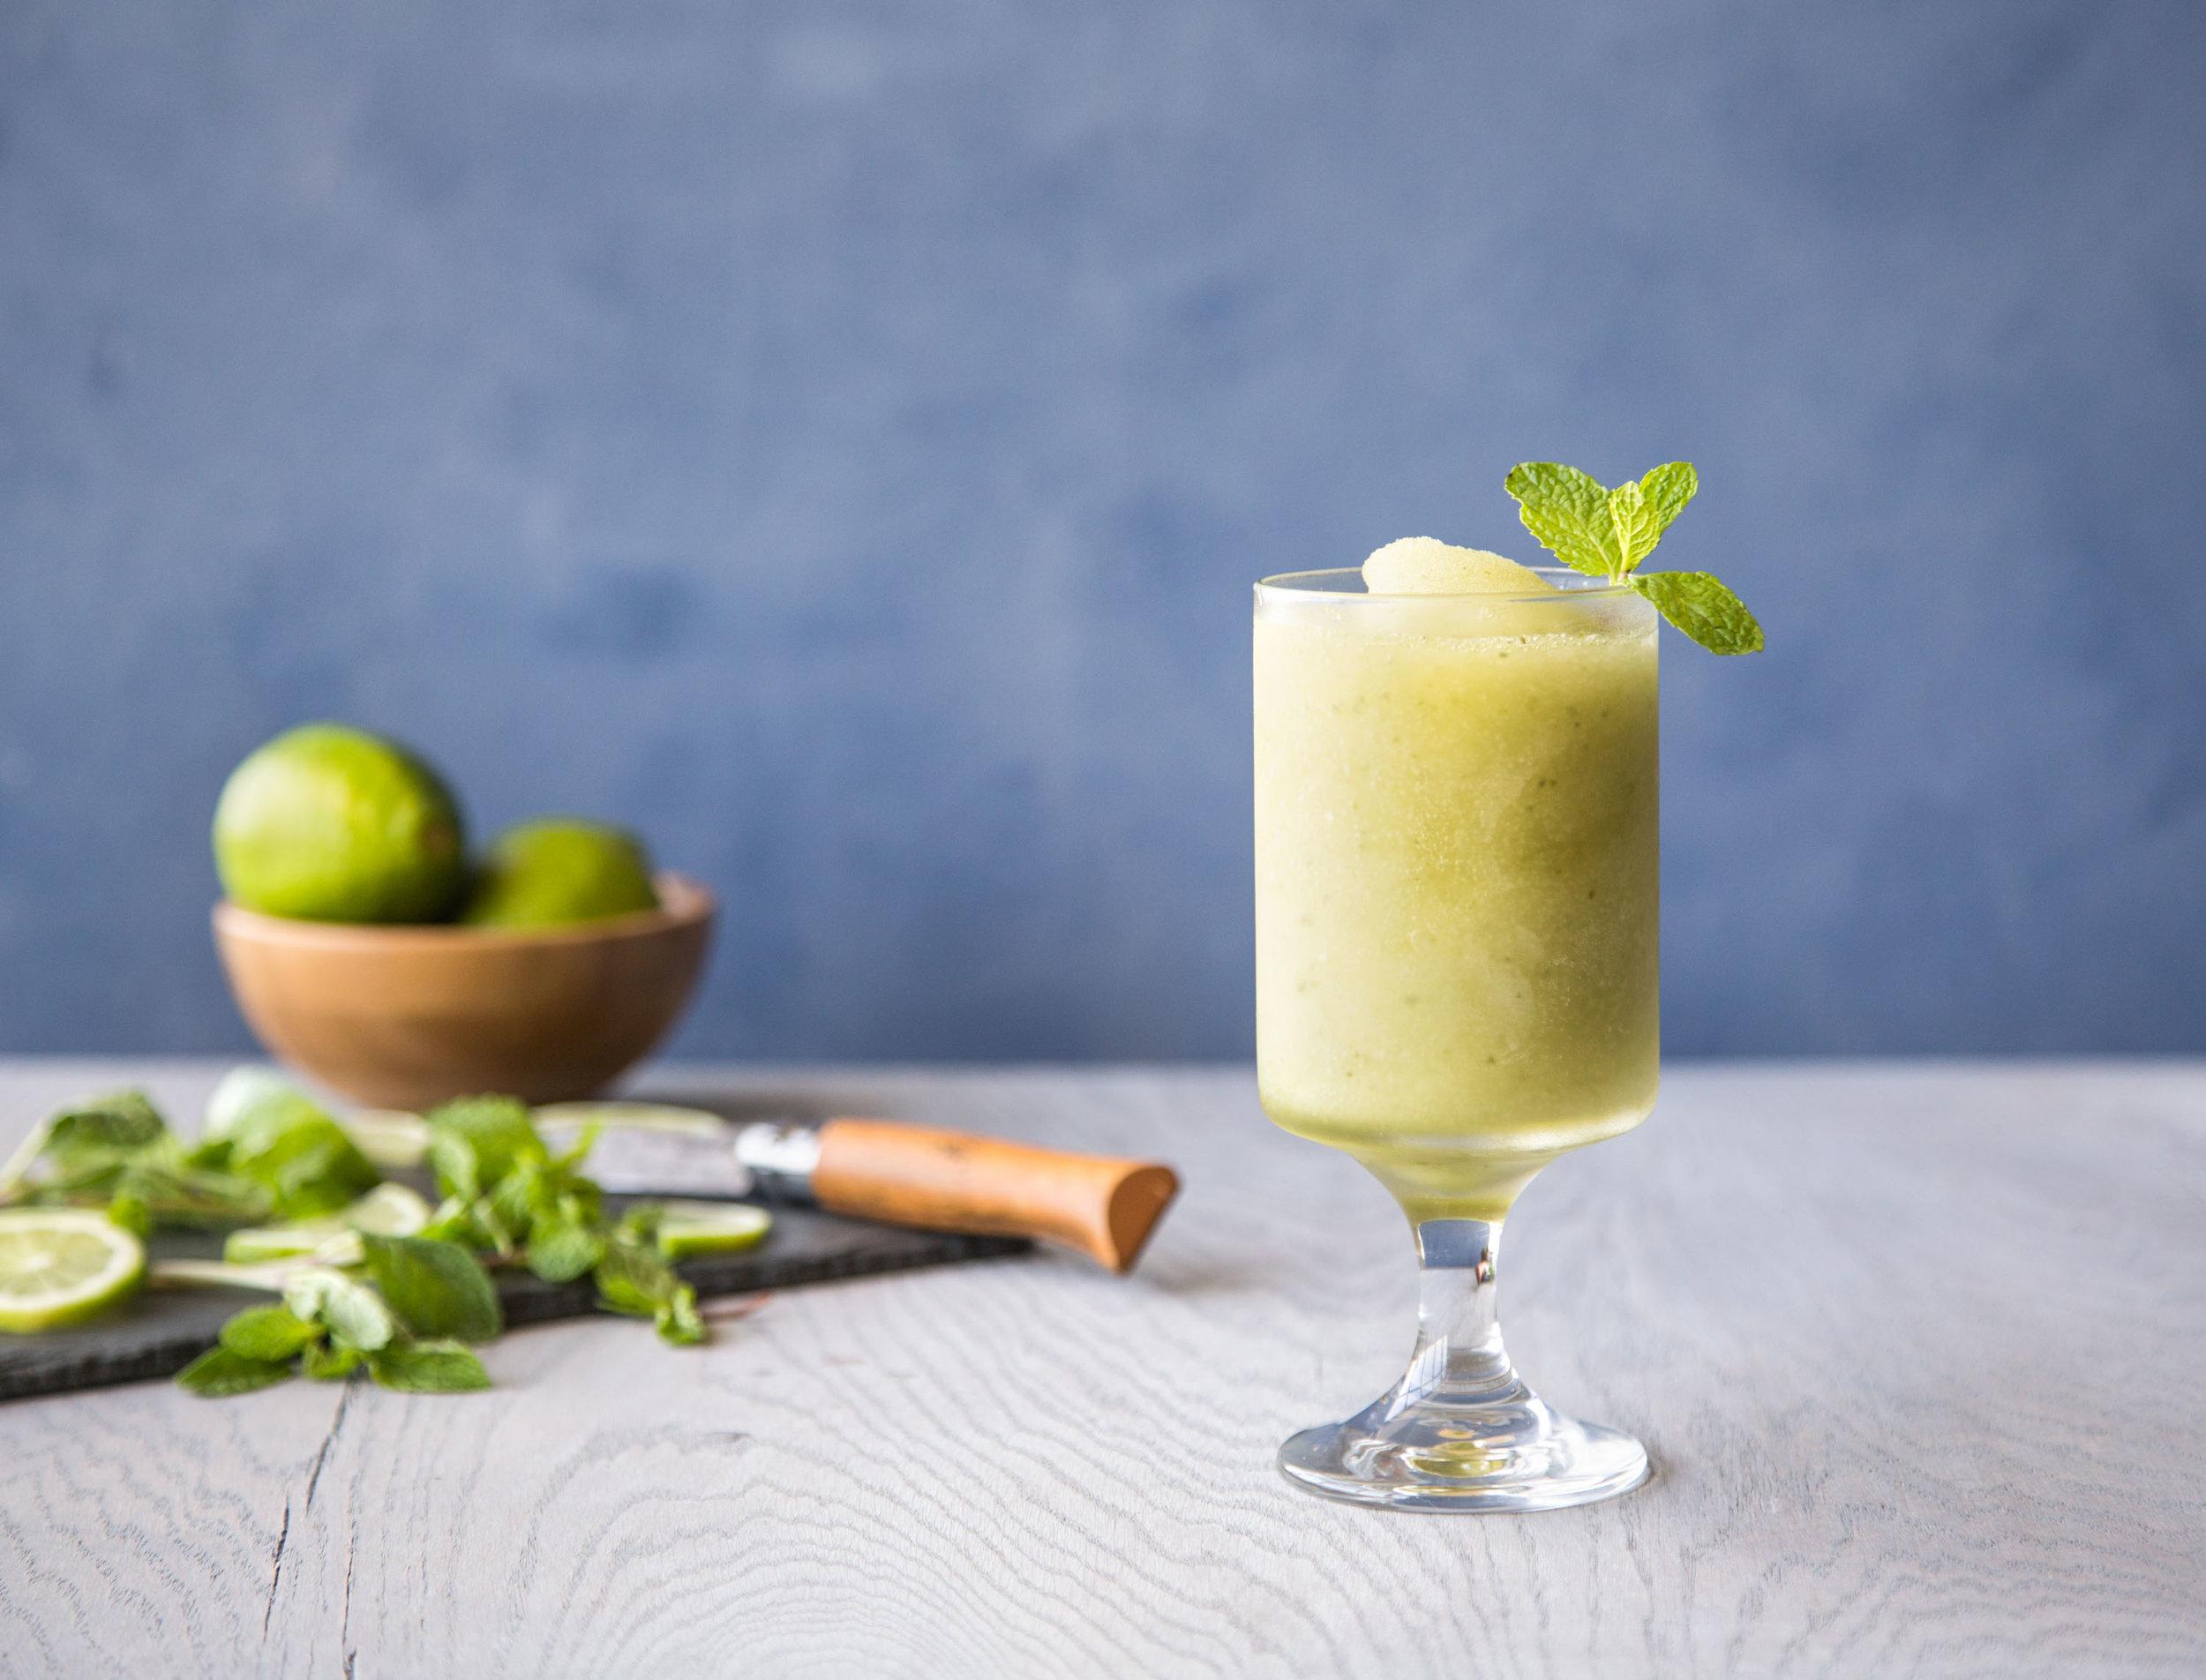 mojito - Kelvin Margarita Slush Mix,Rum, Mint